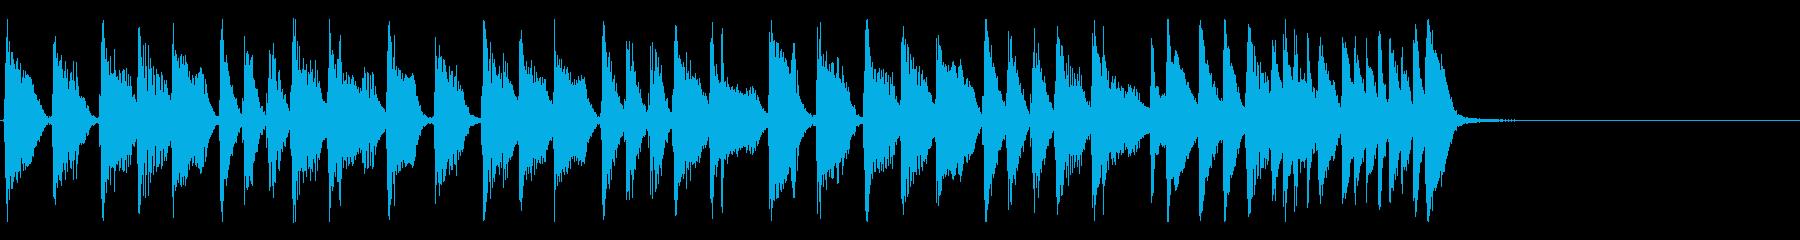 スタイリッシュなジャズファンクジングルの再生済みの波形